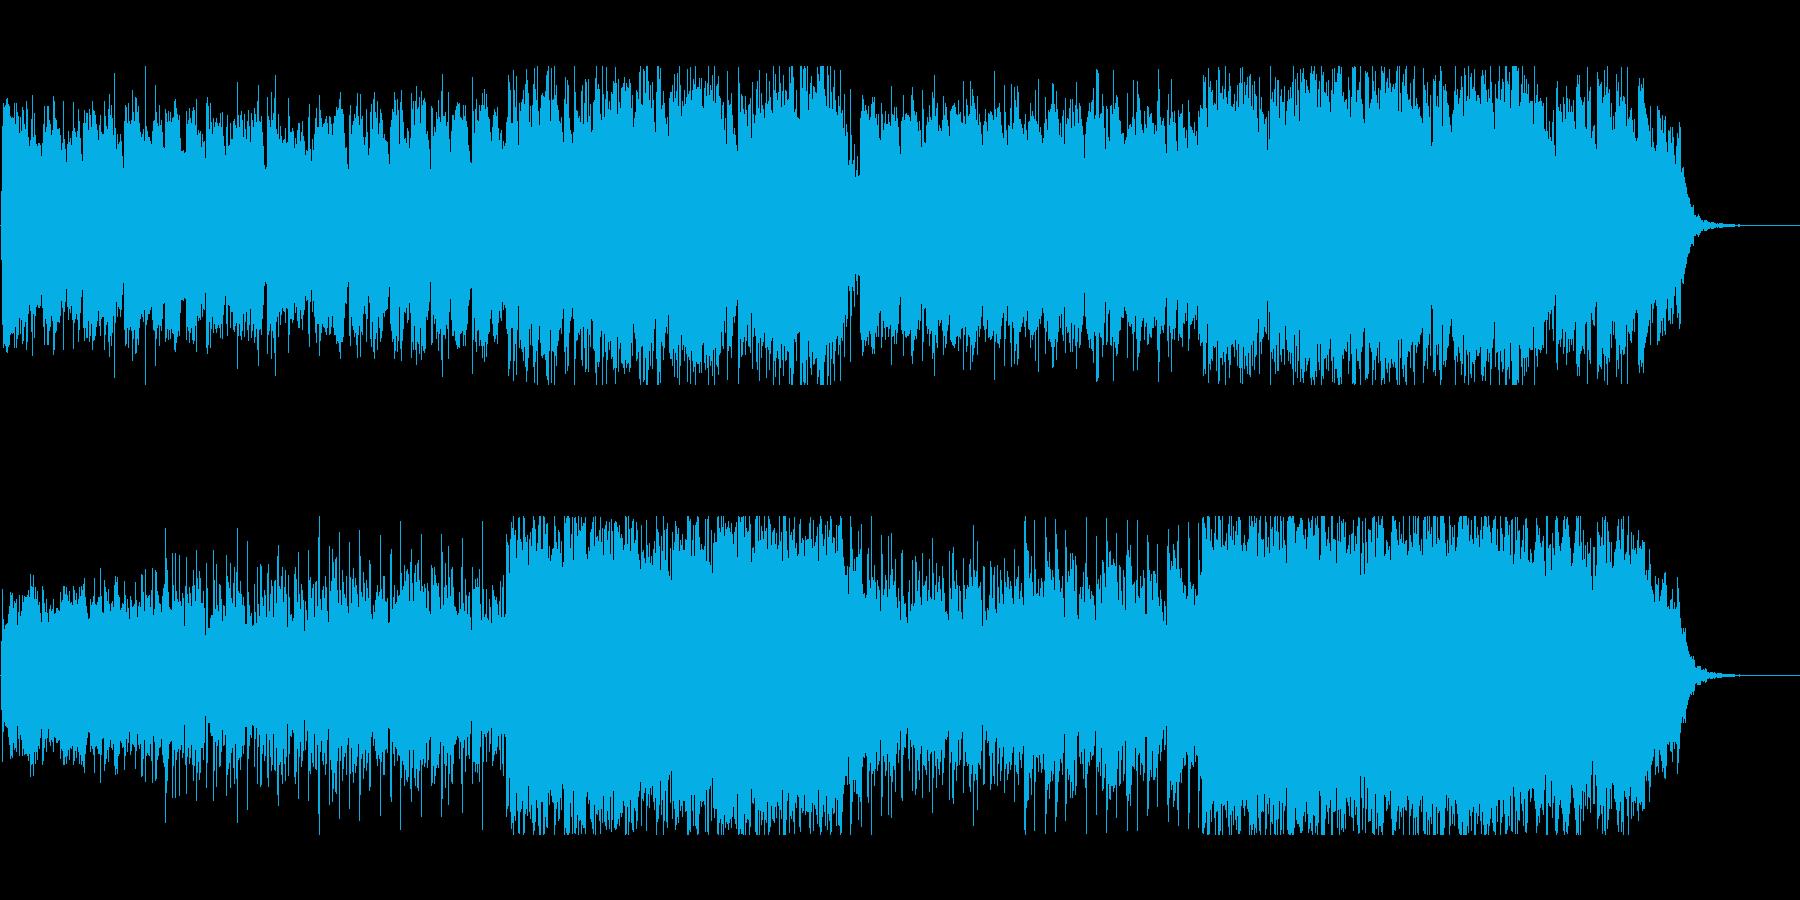 和風幻想曲でドラマチックな展開の曲の再生済みの波形